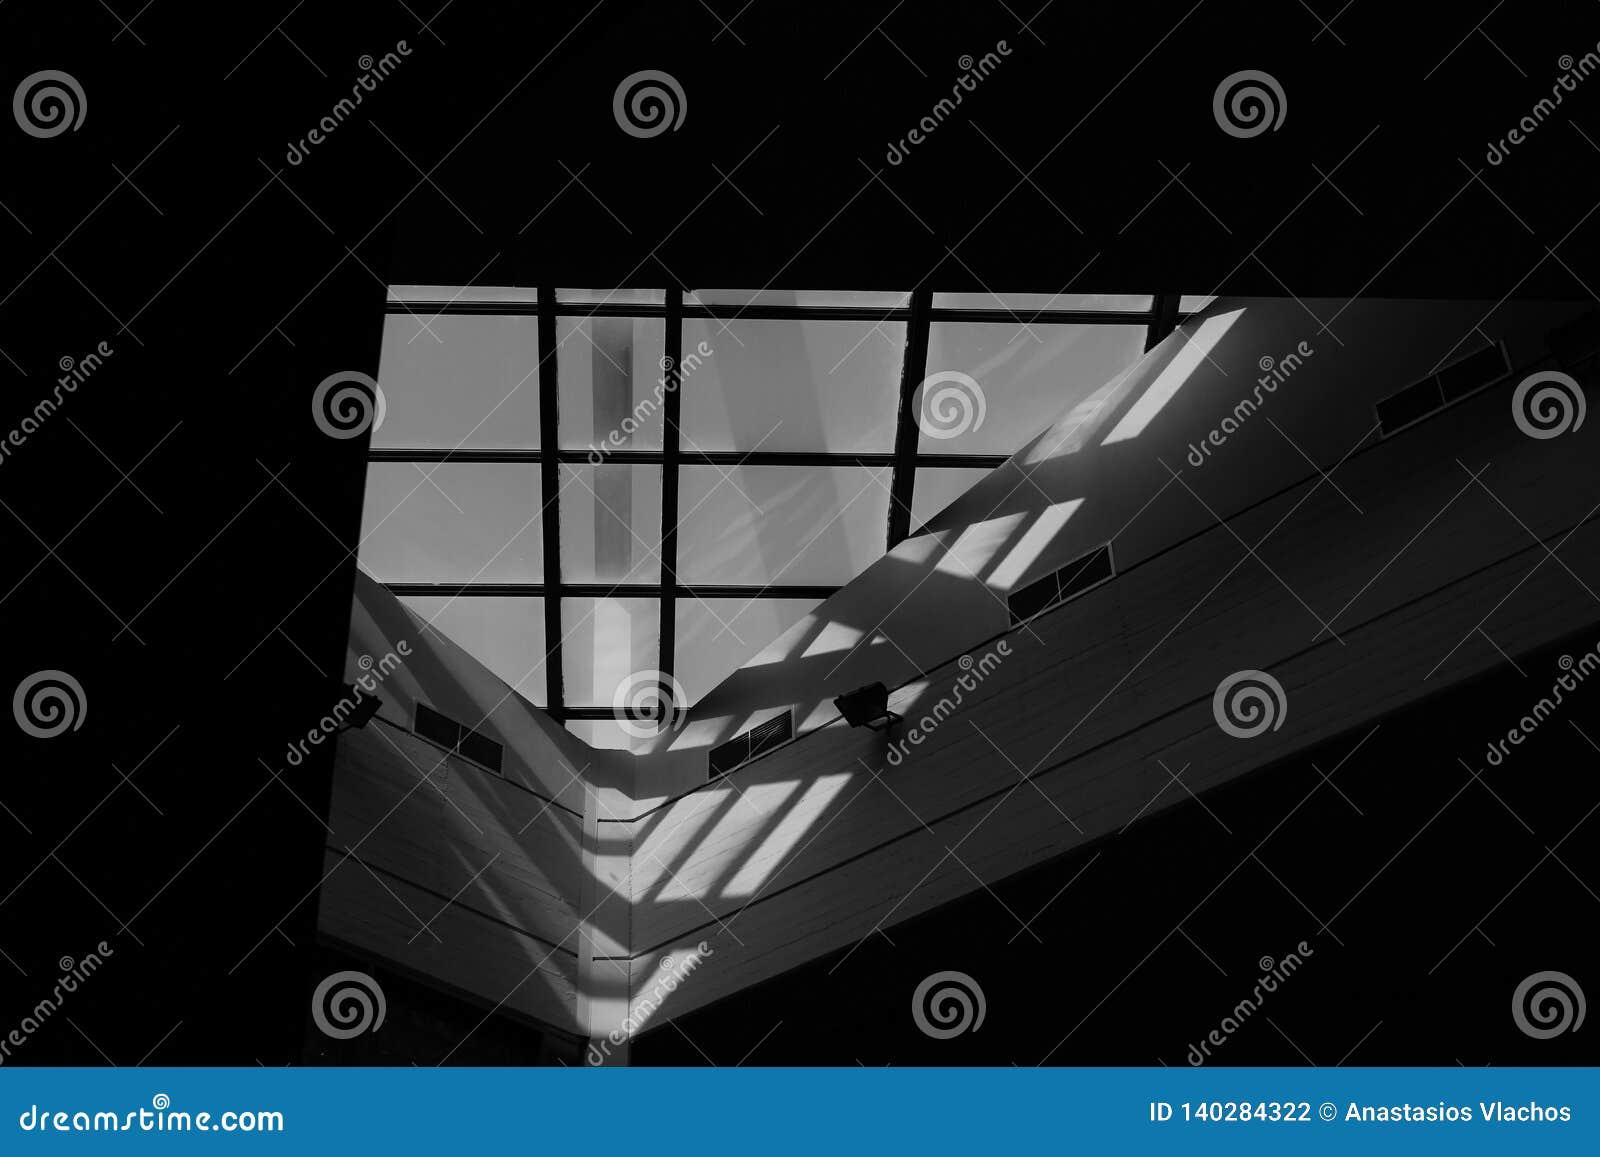 Το Α υπέροχα το παράθυρο στην κεντρική βιβλιοθήκη του εθνικού τεχνικού πανεπιστημίου της Αθήνας